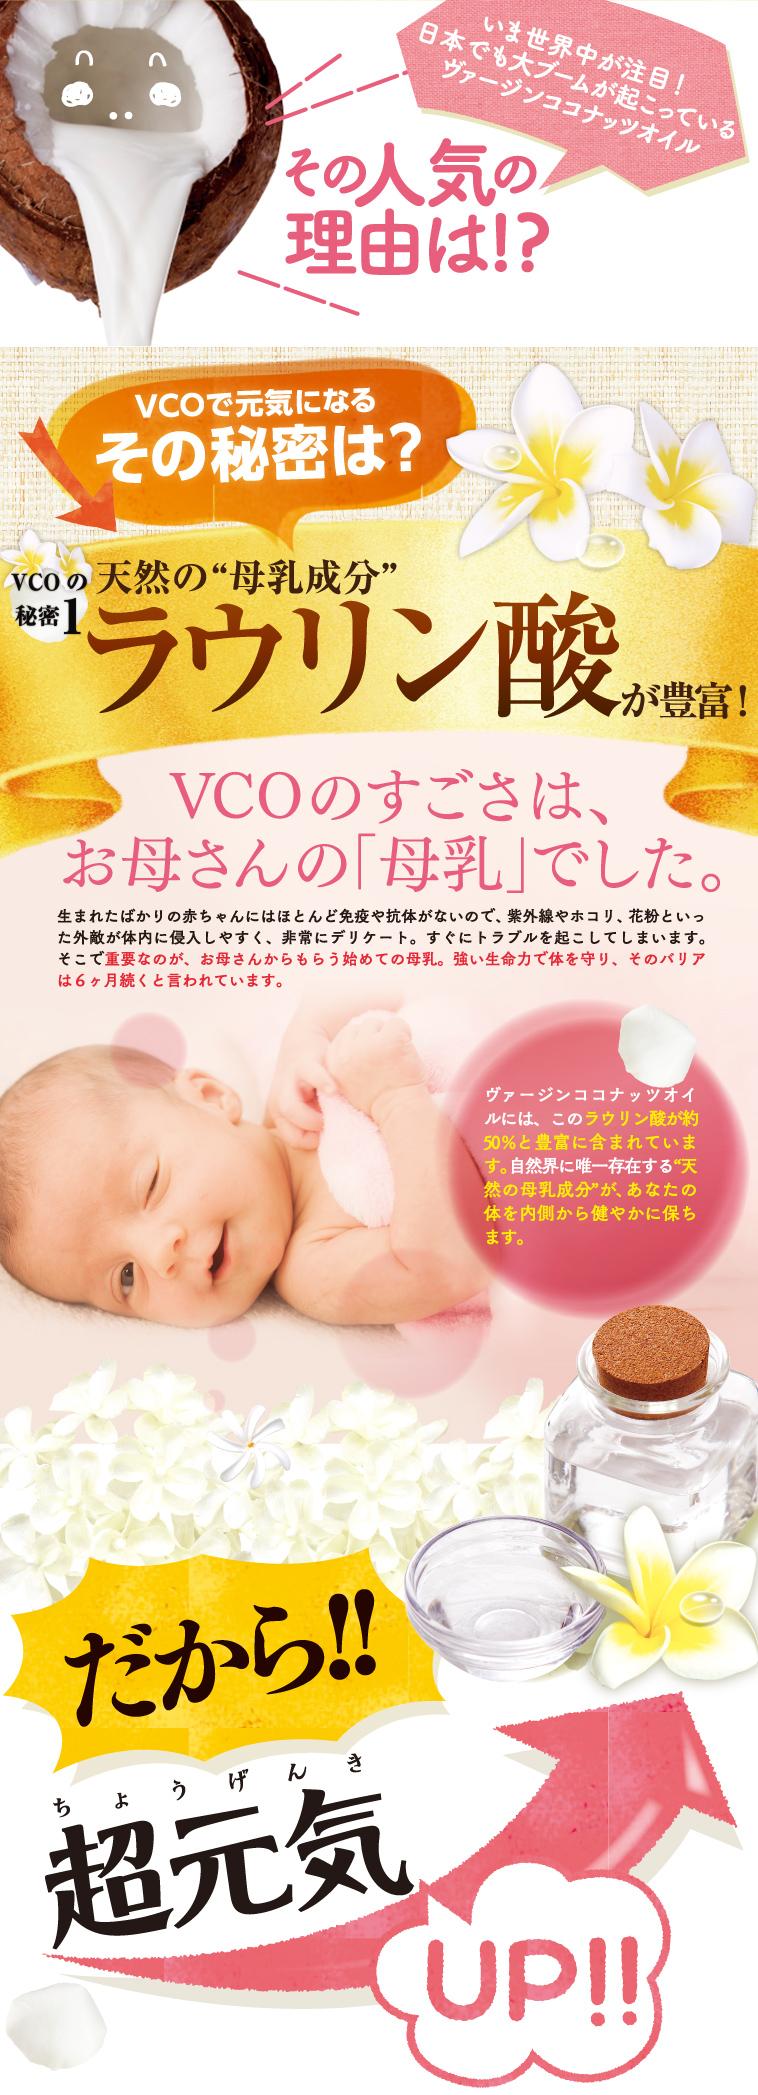 VCOで元気になるその秘密は、天然の母乳成分ラウリン酸が豊富に含まれること。生まれたばかりの赤ちゃんにはほとんど免疫や抗体がないので、紫外線やホコリ、花粉といった外敵が体内に侵入しやすく、非常にデリケート。そこで重要なのが、お母さんからもらう母乳。強い生命力で体を守り、そのバリアは6ヵ月続くといわれています。